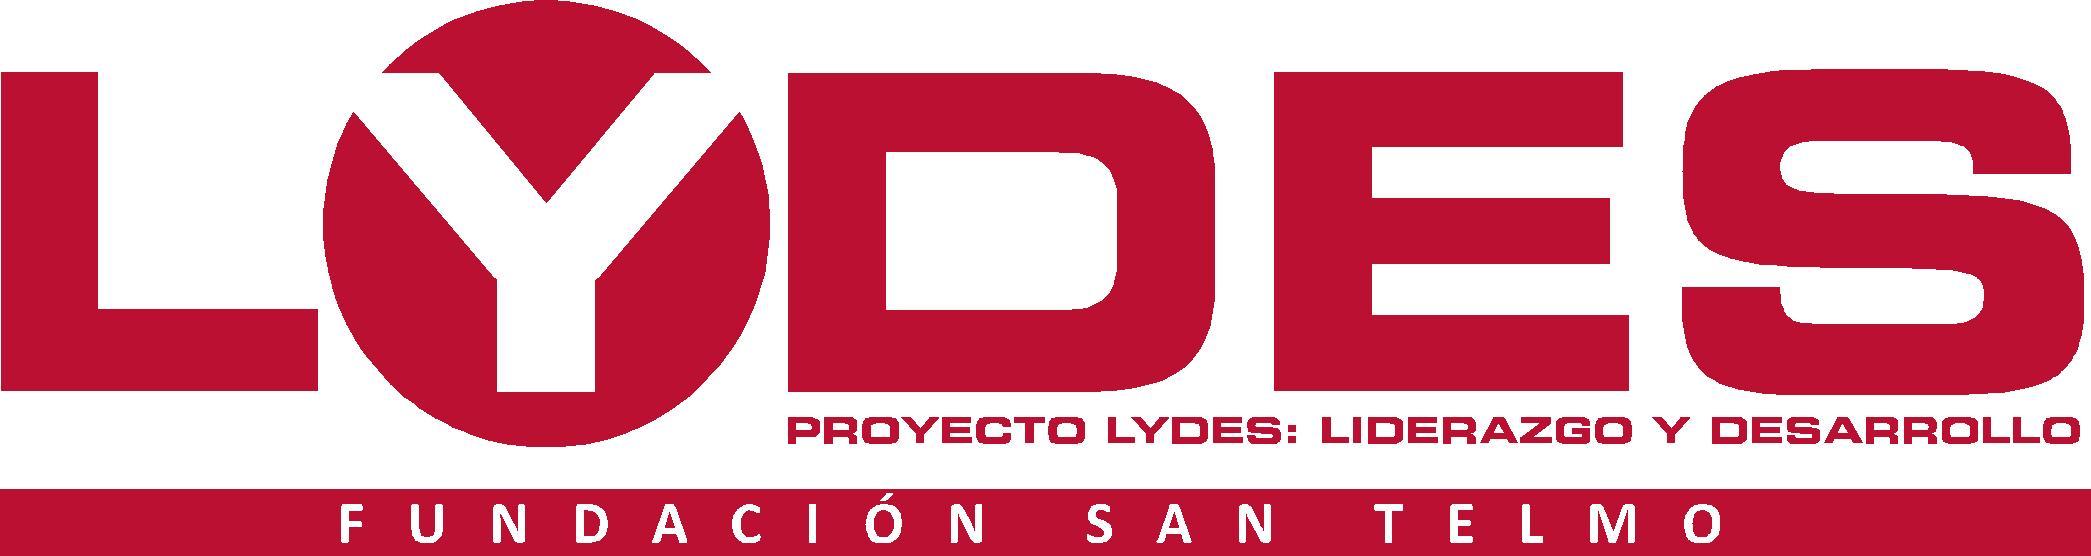 LYDES-F.SANTELMO